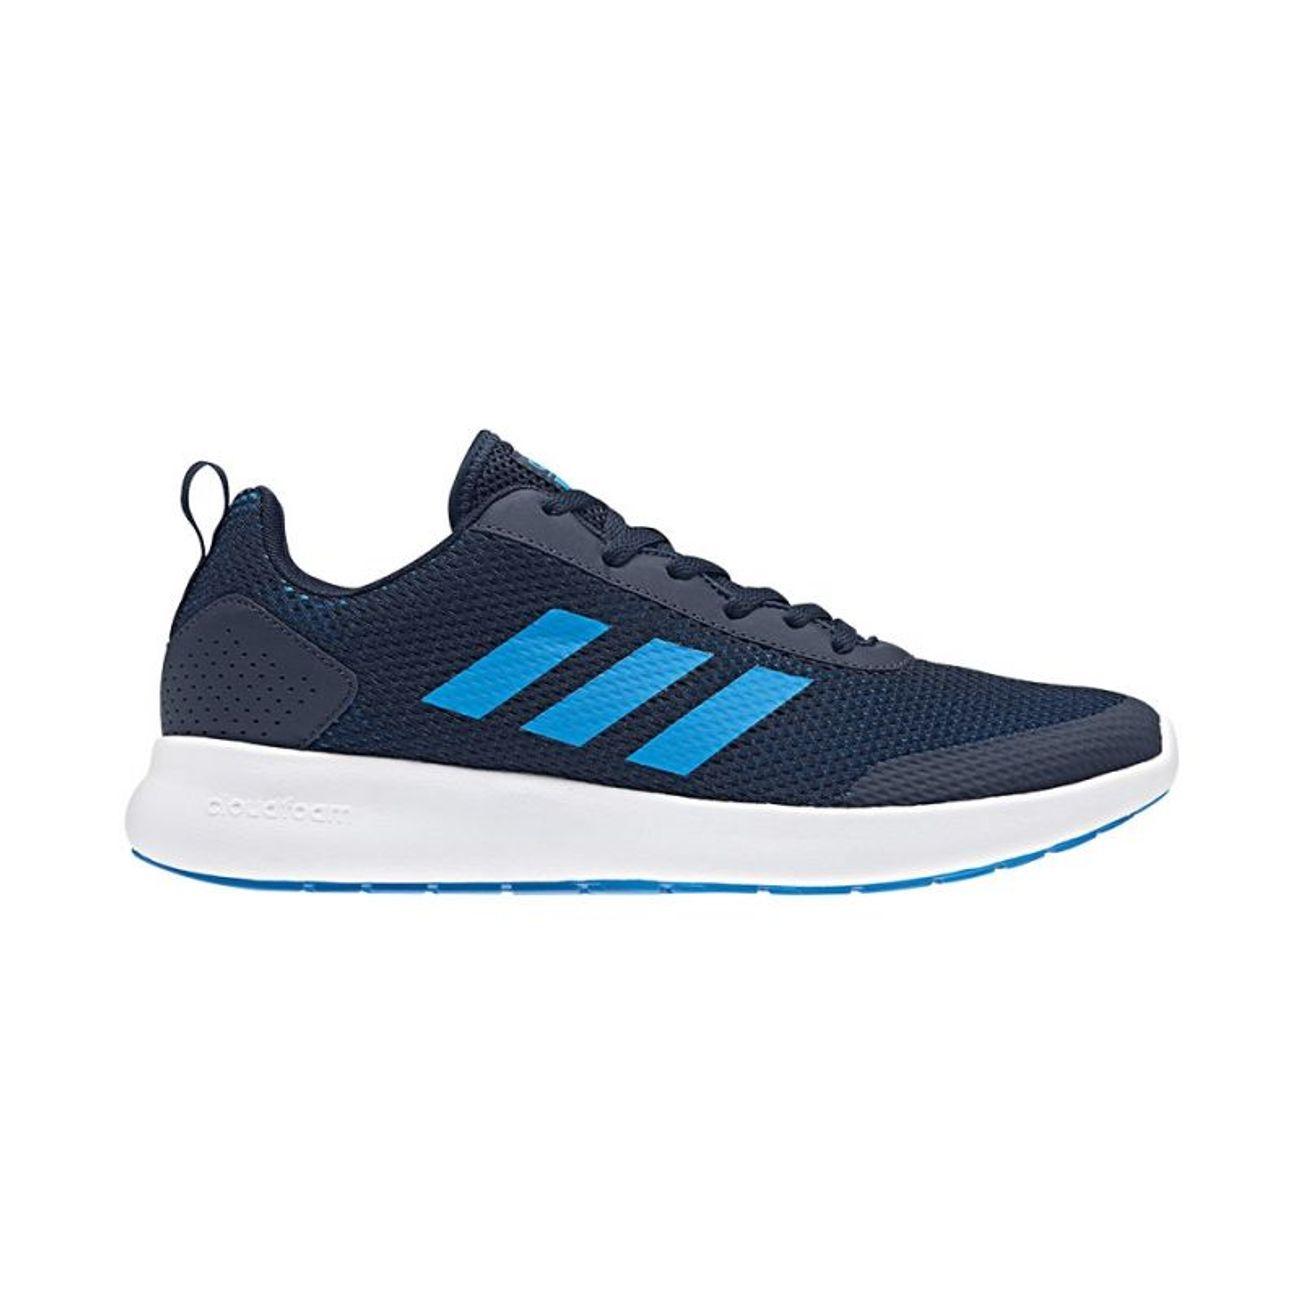 Chaussures adidas Element Race – achat et prix pas cher Go